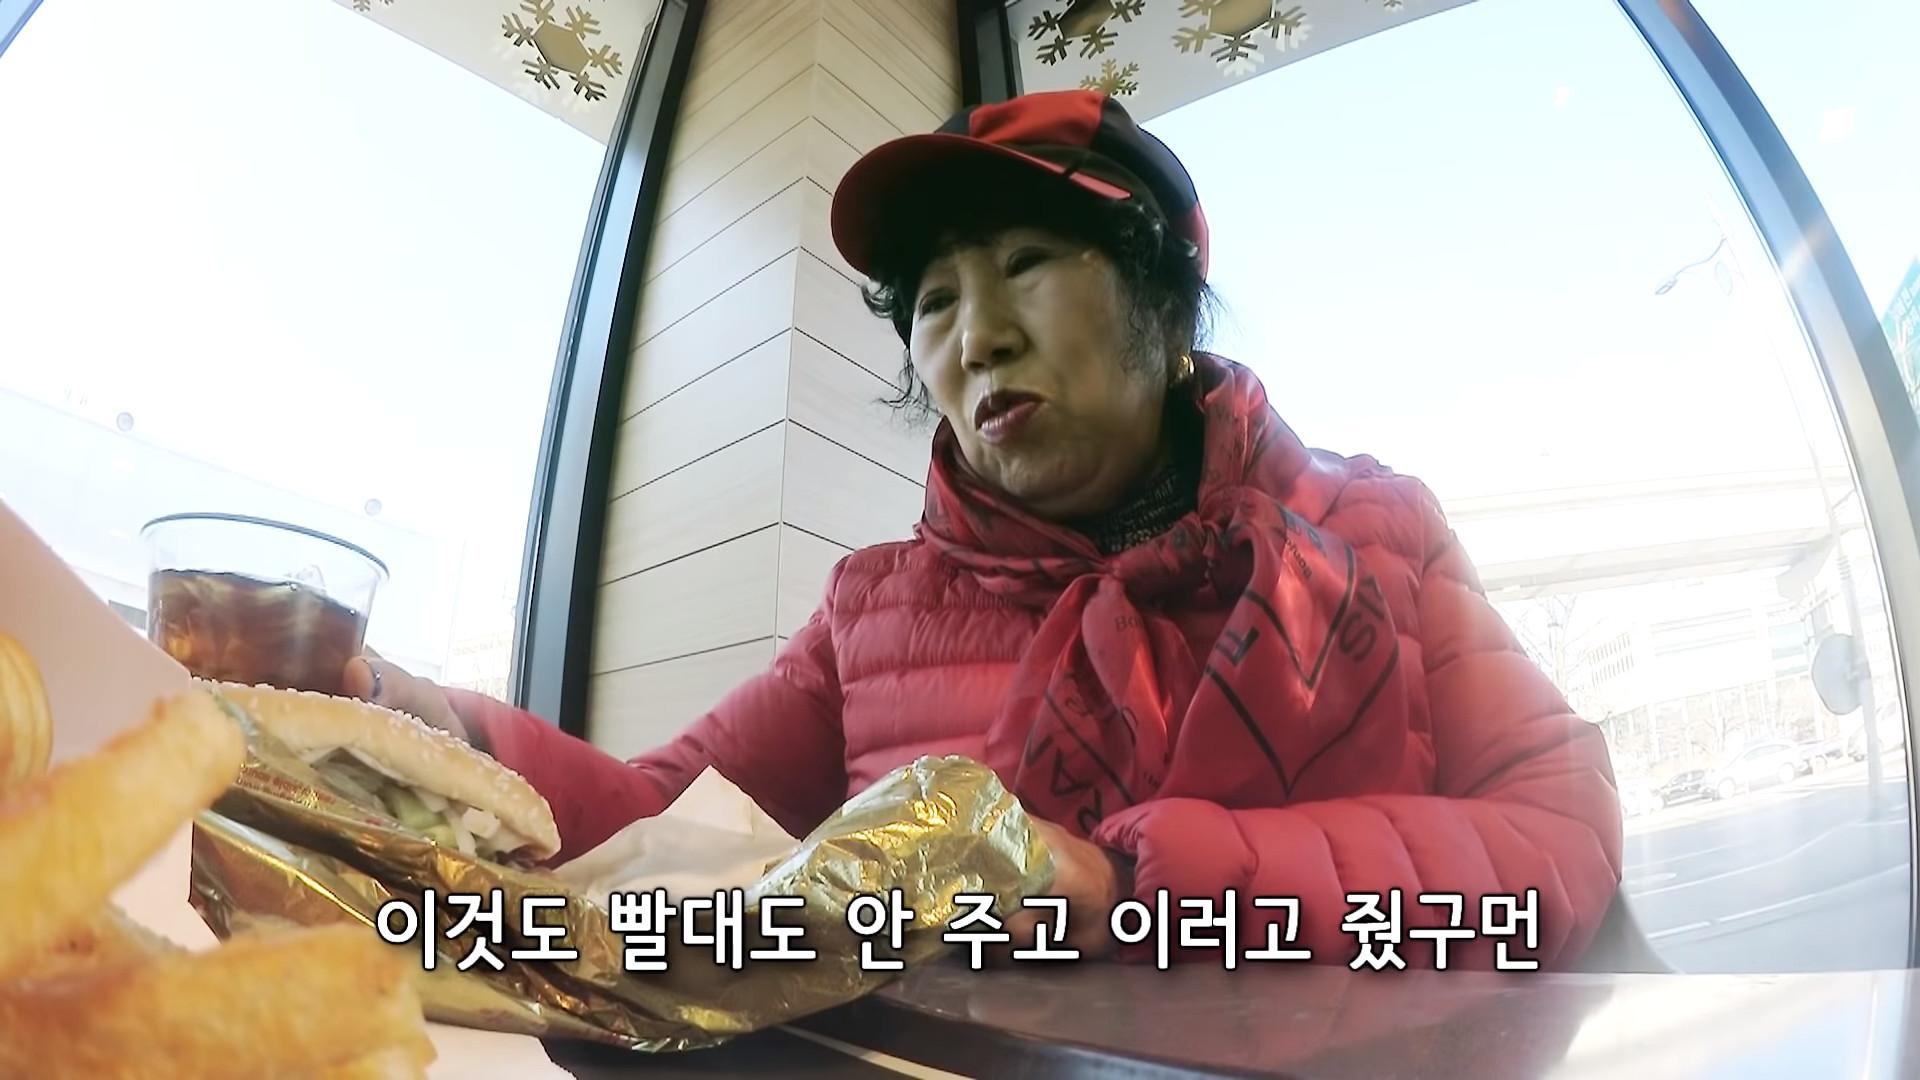 ▲▼麥當勞,南韓,自助點餐機(圖/翻攝自Youtube@박막례 할머니 Korea Grandma)